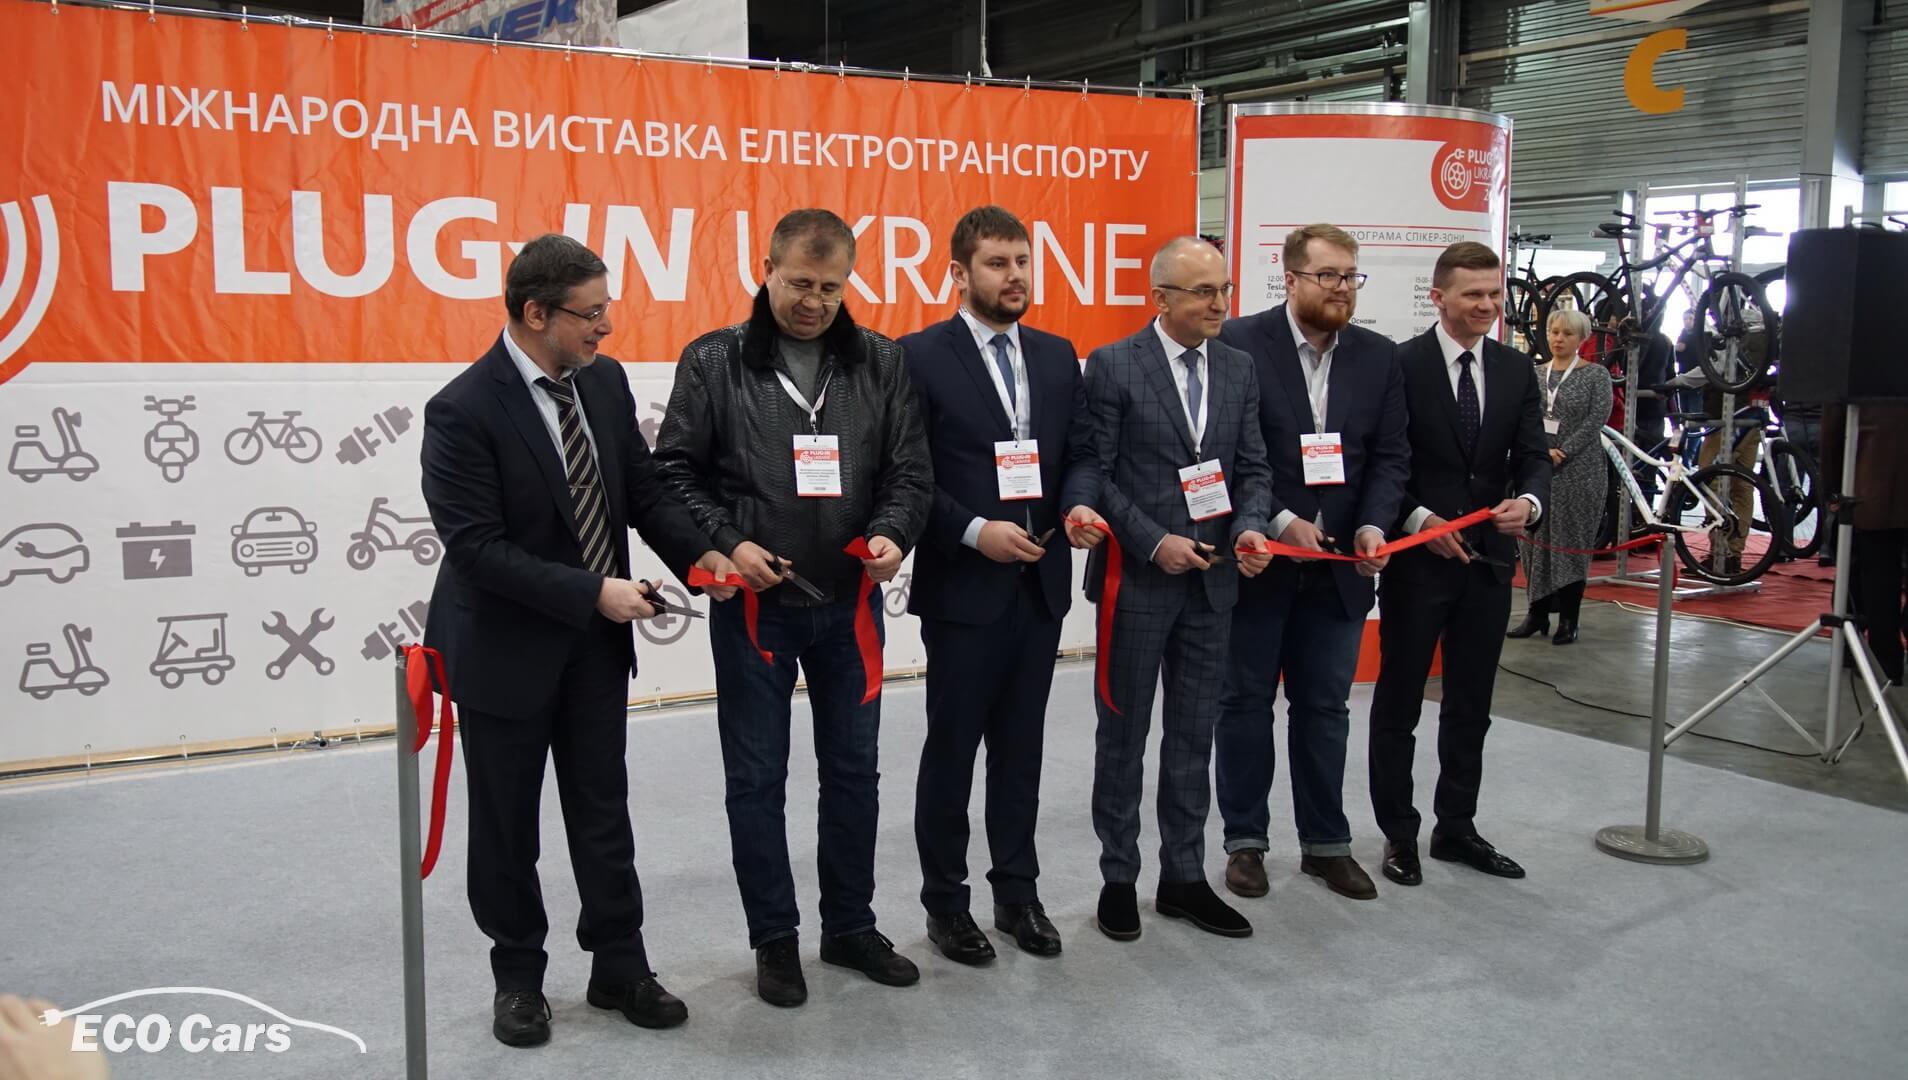 Відкриття Plug-In Ukraine 2018